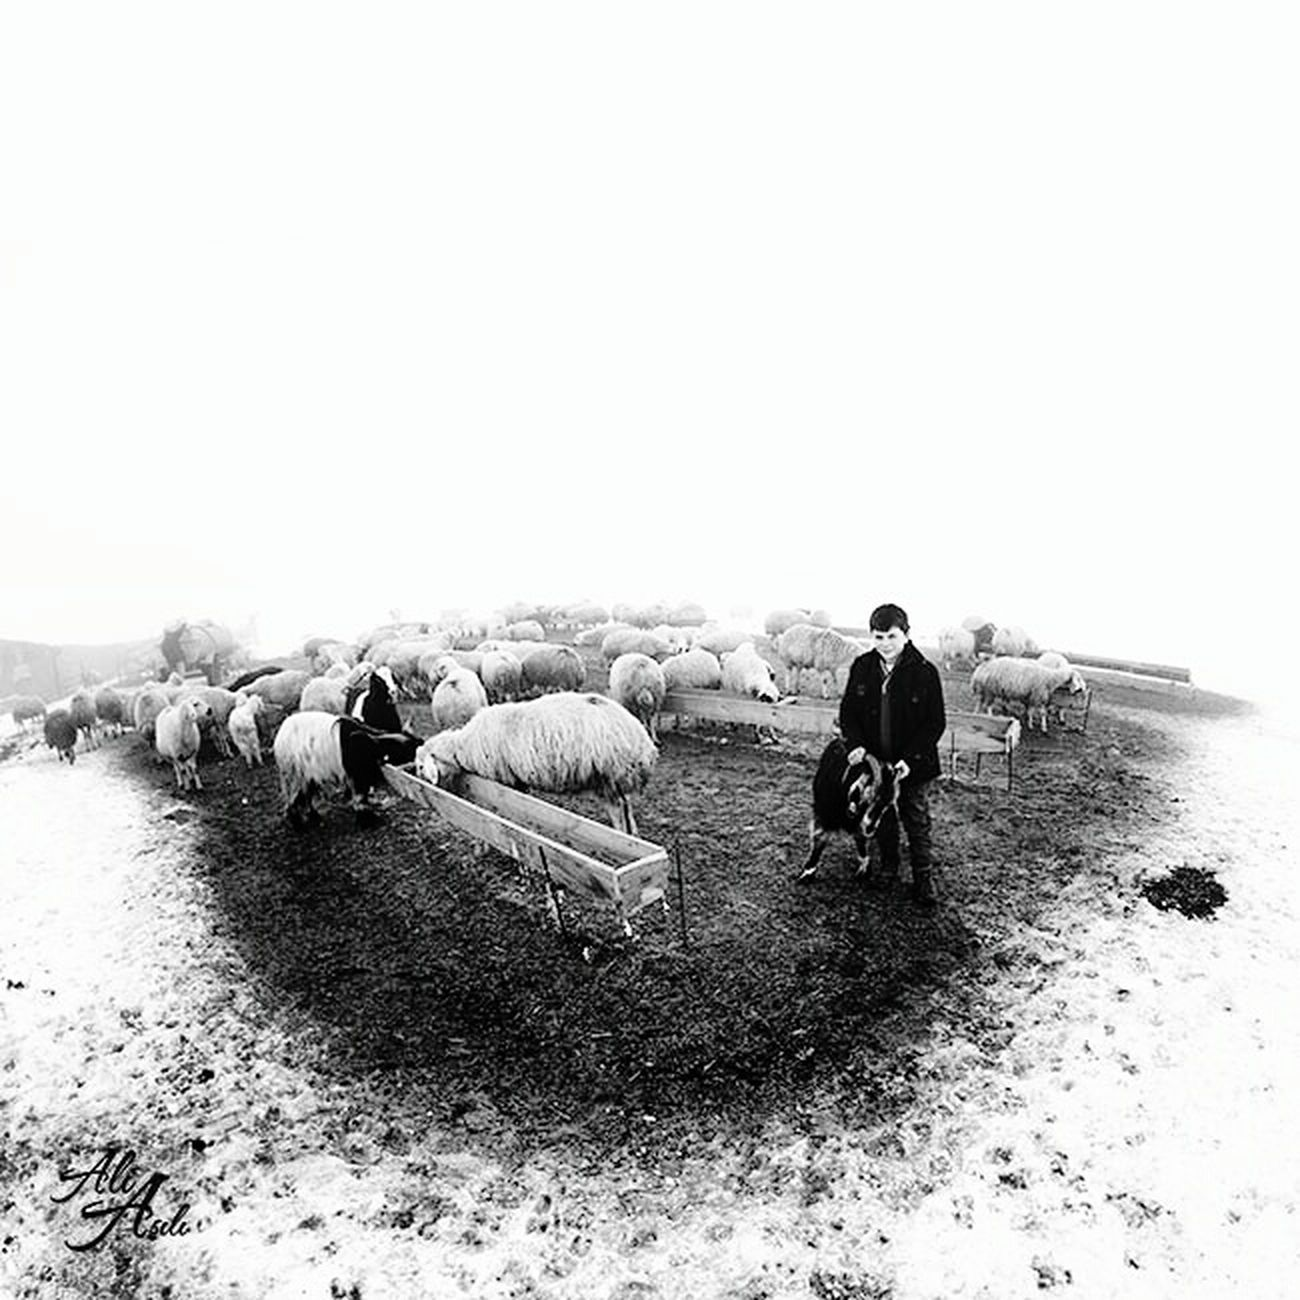 Rüya gibi bir yerde gerçek hayatlar. ??? Real lives in dreamland ... EyeEm Best Shots - Black + White EyeEm Best Shots - People + Portrait EyeEm Blackandwhite Taking Photos Animals Rural Deepfreeze